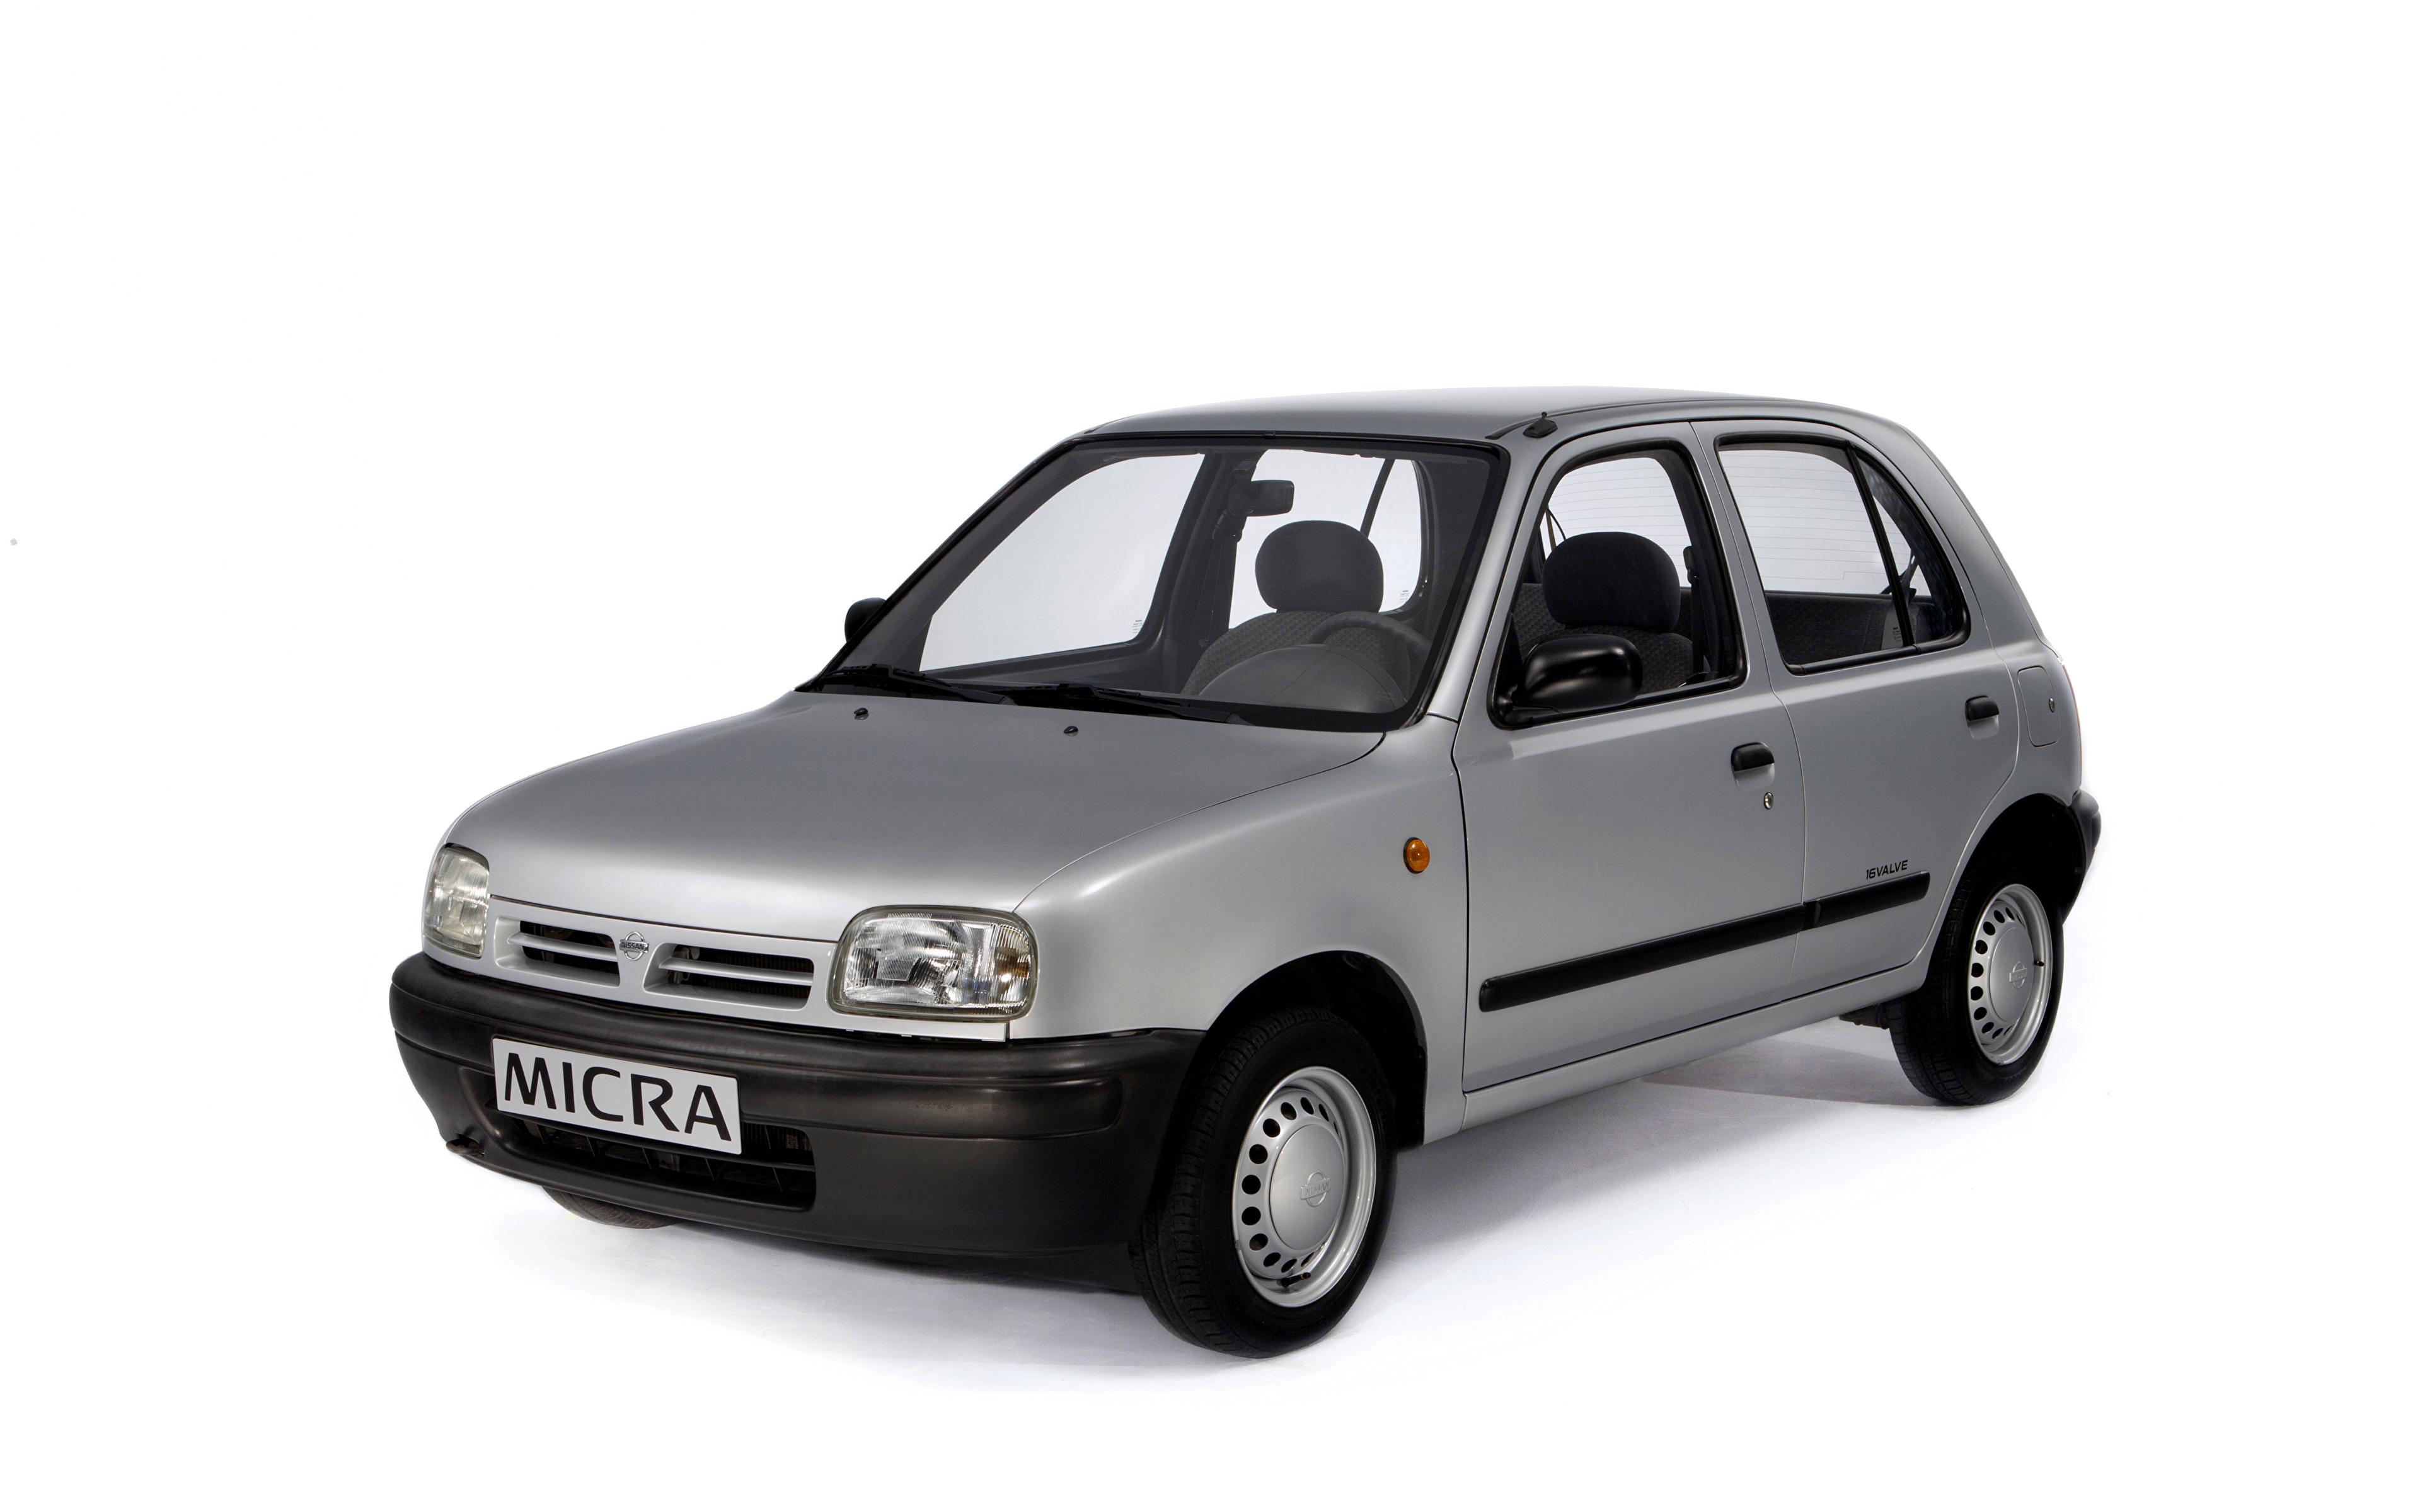 Картинки Nissan Micra 5-door (K11), 1992–97 серые авто Металлик Белый фон 3840x2400 Ниссан серая Серый машина машины Автомобили автомобиль белом фоне белым фоном